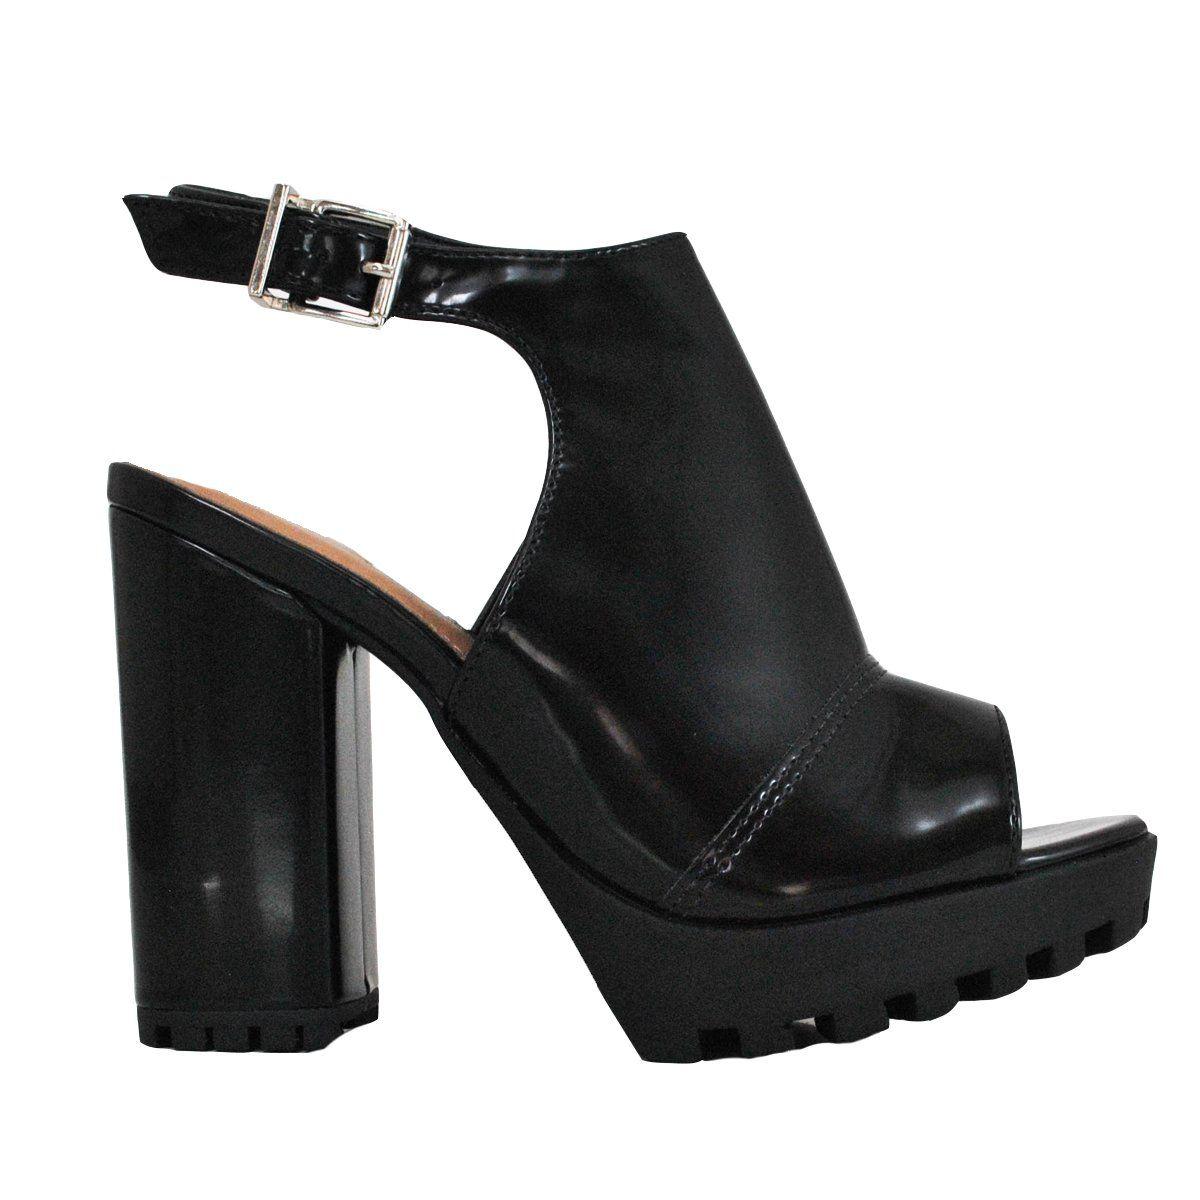 Compre online Sandália Preta com salto grosso e alto da marca Via Marte  17-10803  87f92bbb08af9